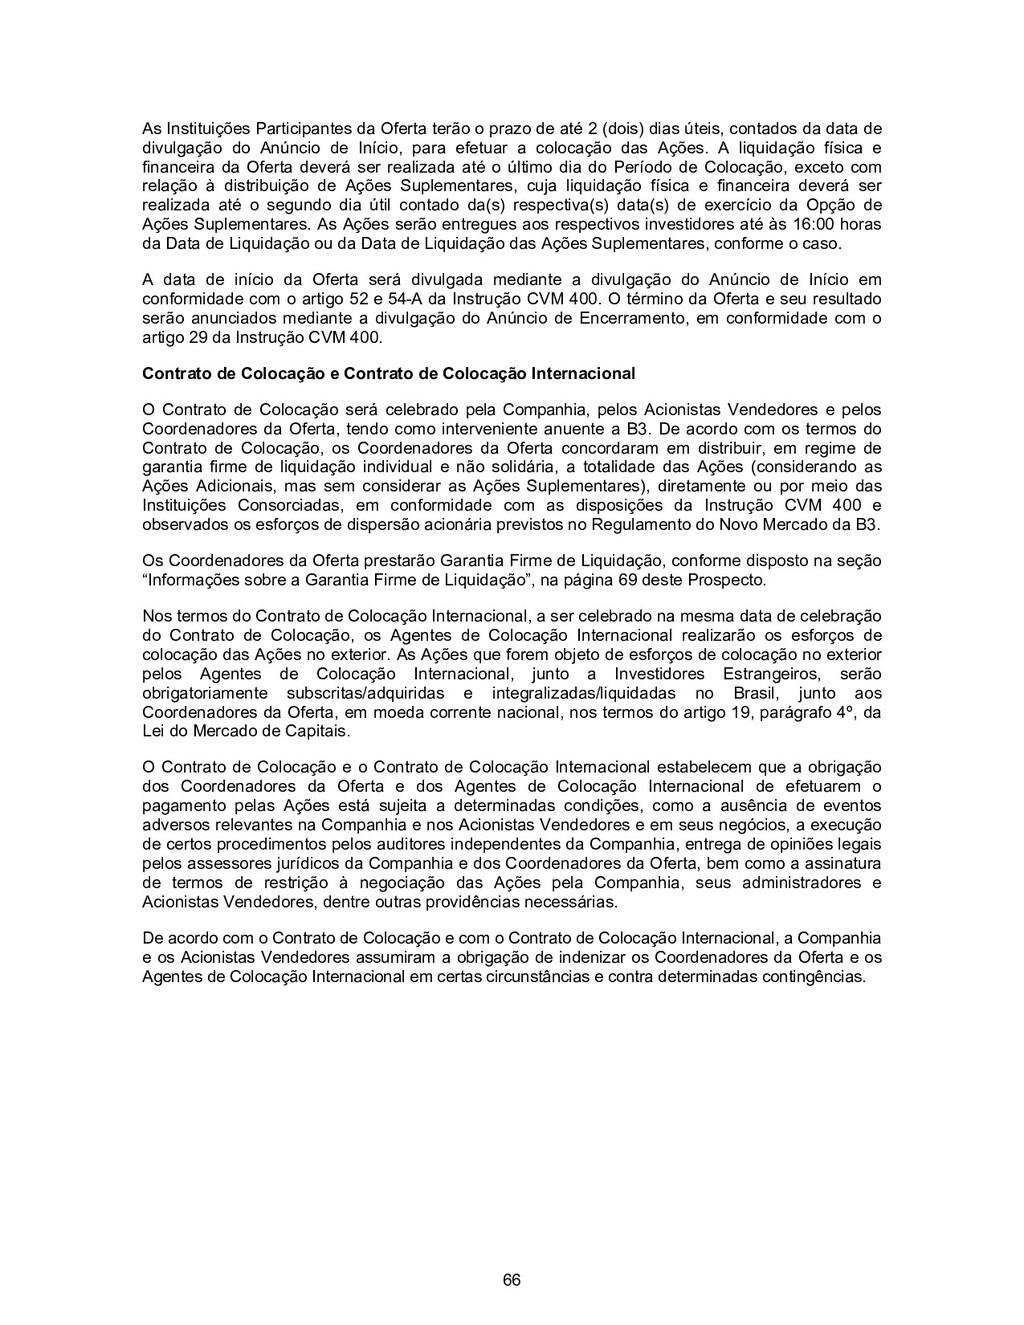 66 As Instituições Participantes da Oferta terã...